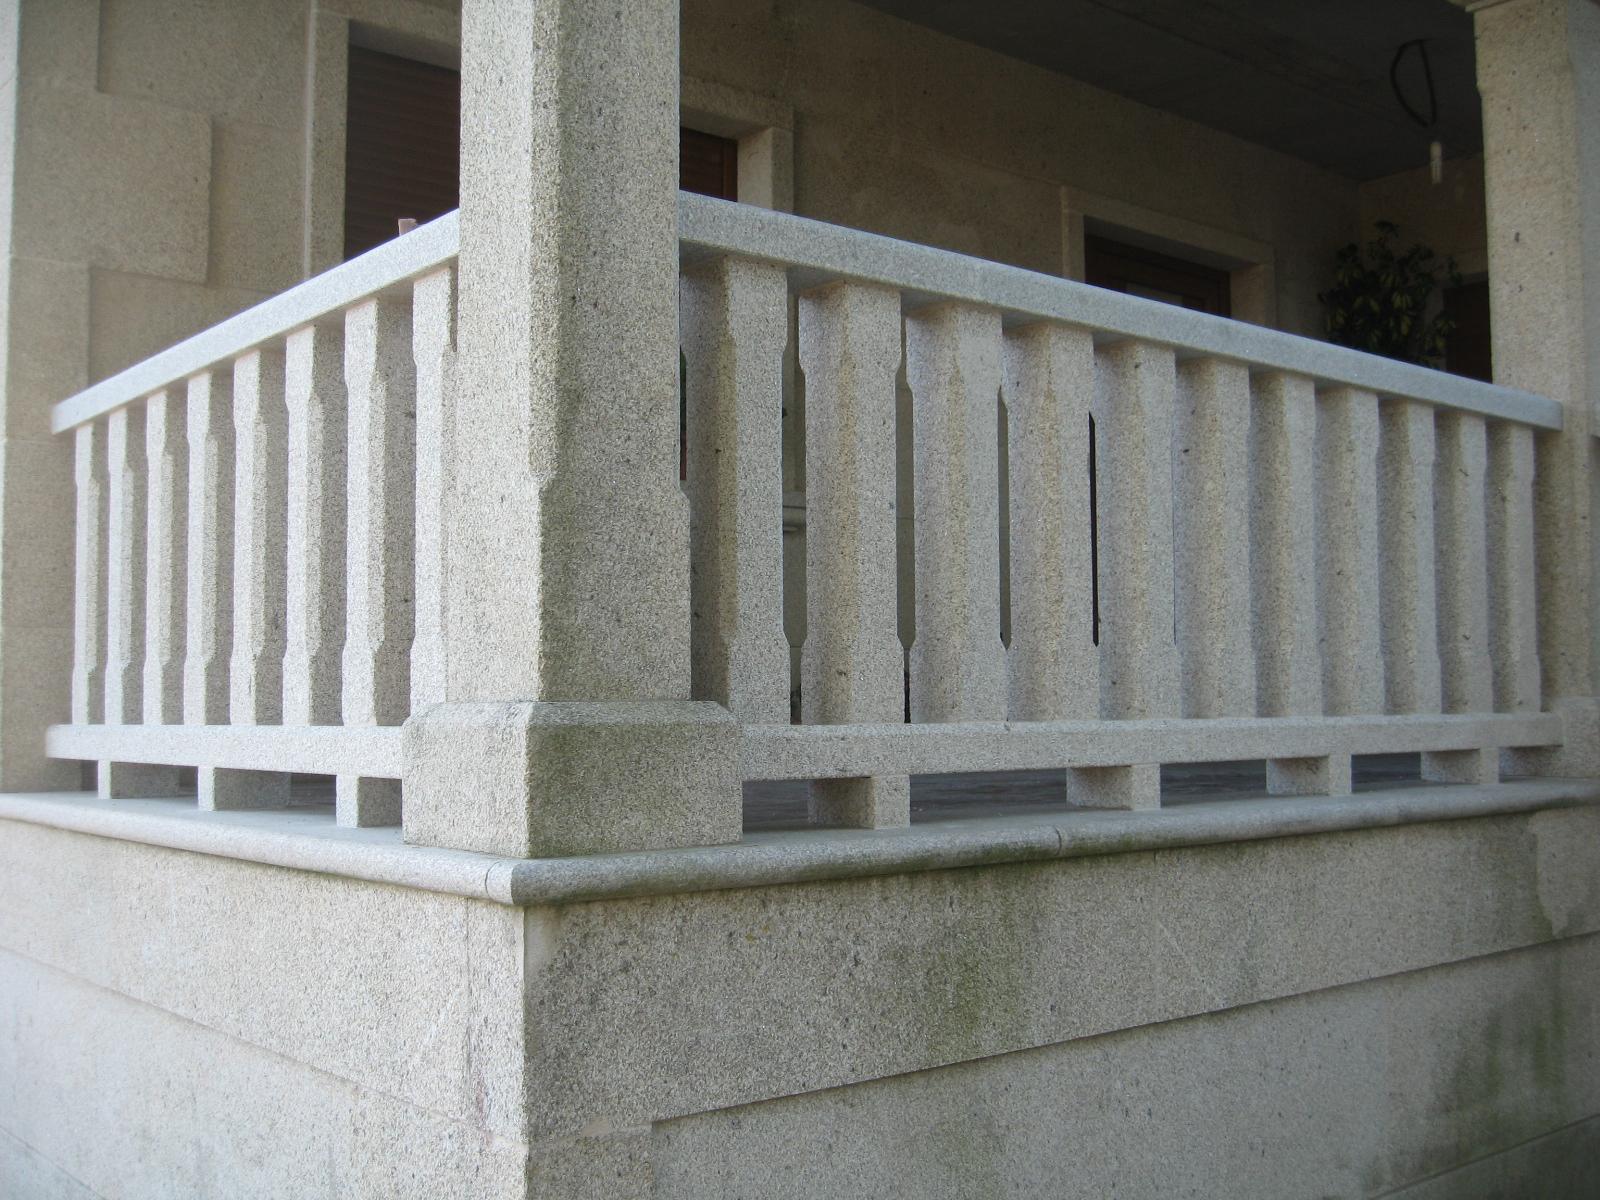 Balc n con balaustrada de piedra pedri as - Balaustradas de piedra ...